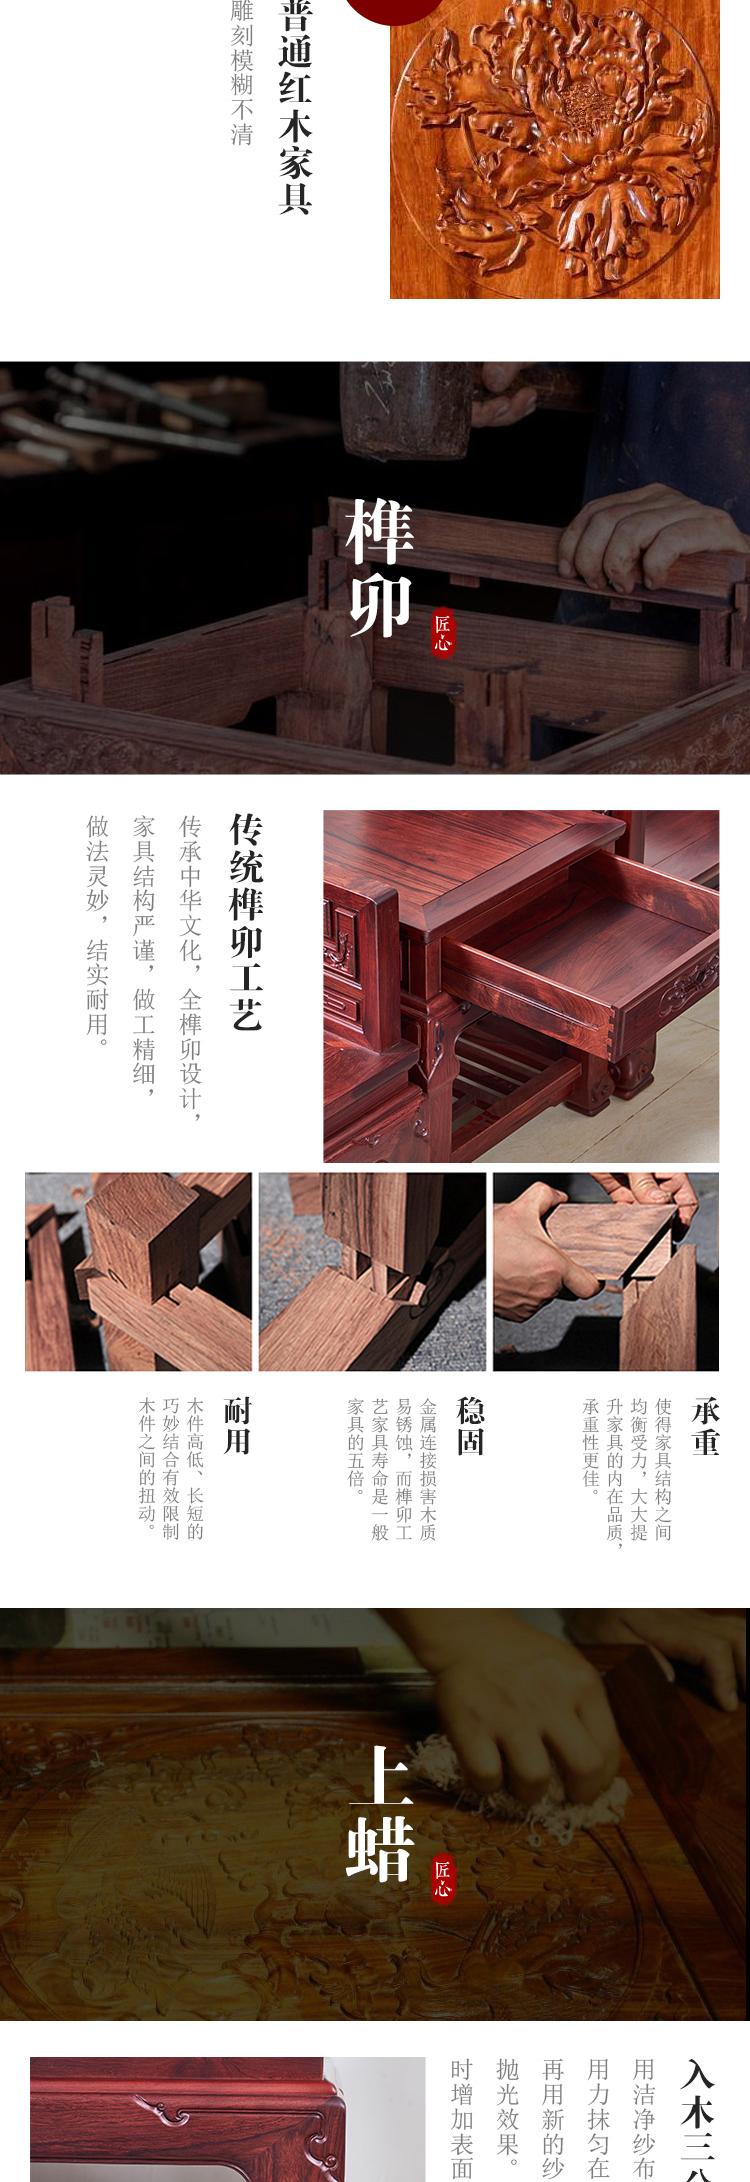 红木家具修改-2_06